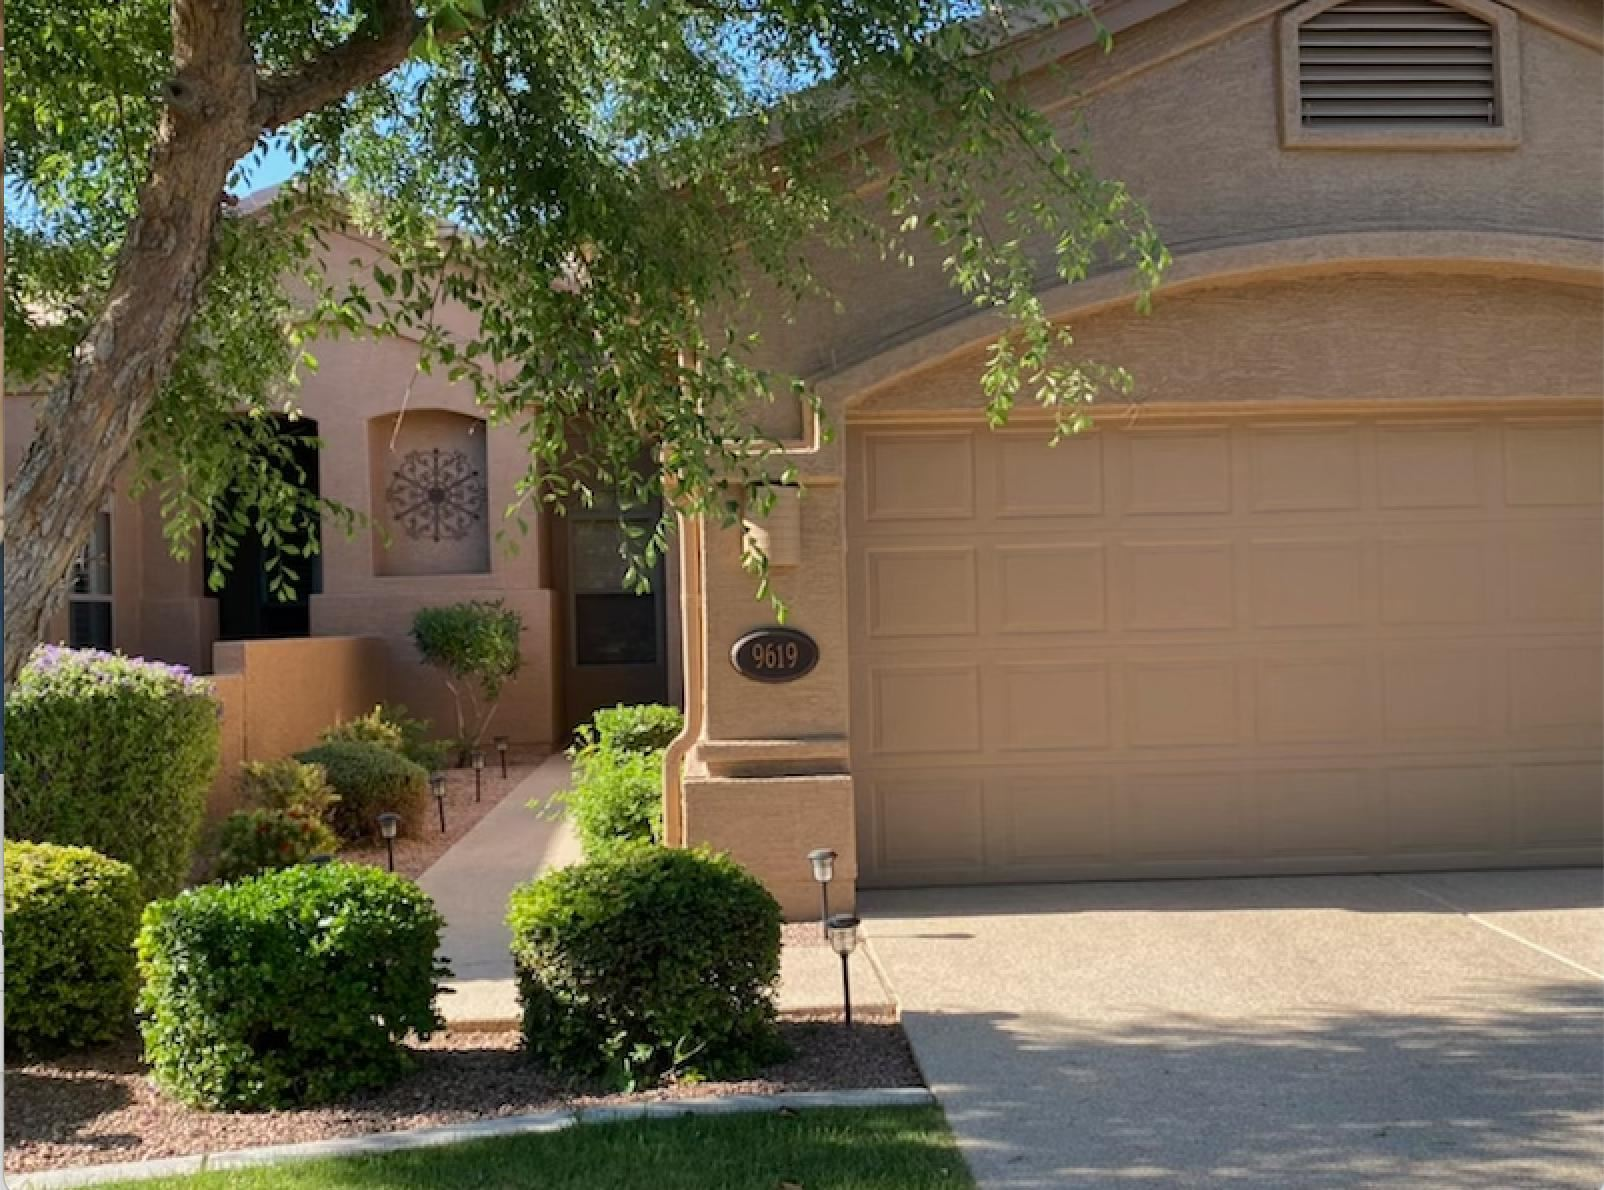 Photo of 9619 E ROCKY LAKE Drive, Sun Lakes, AZ 85248 (MLS # 6224089)